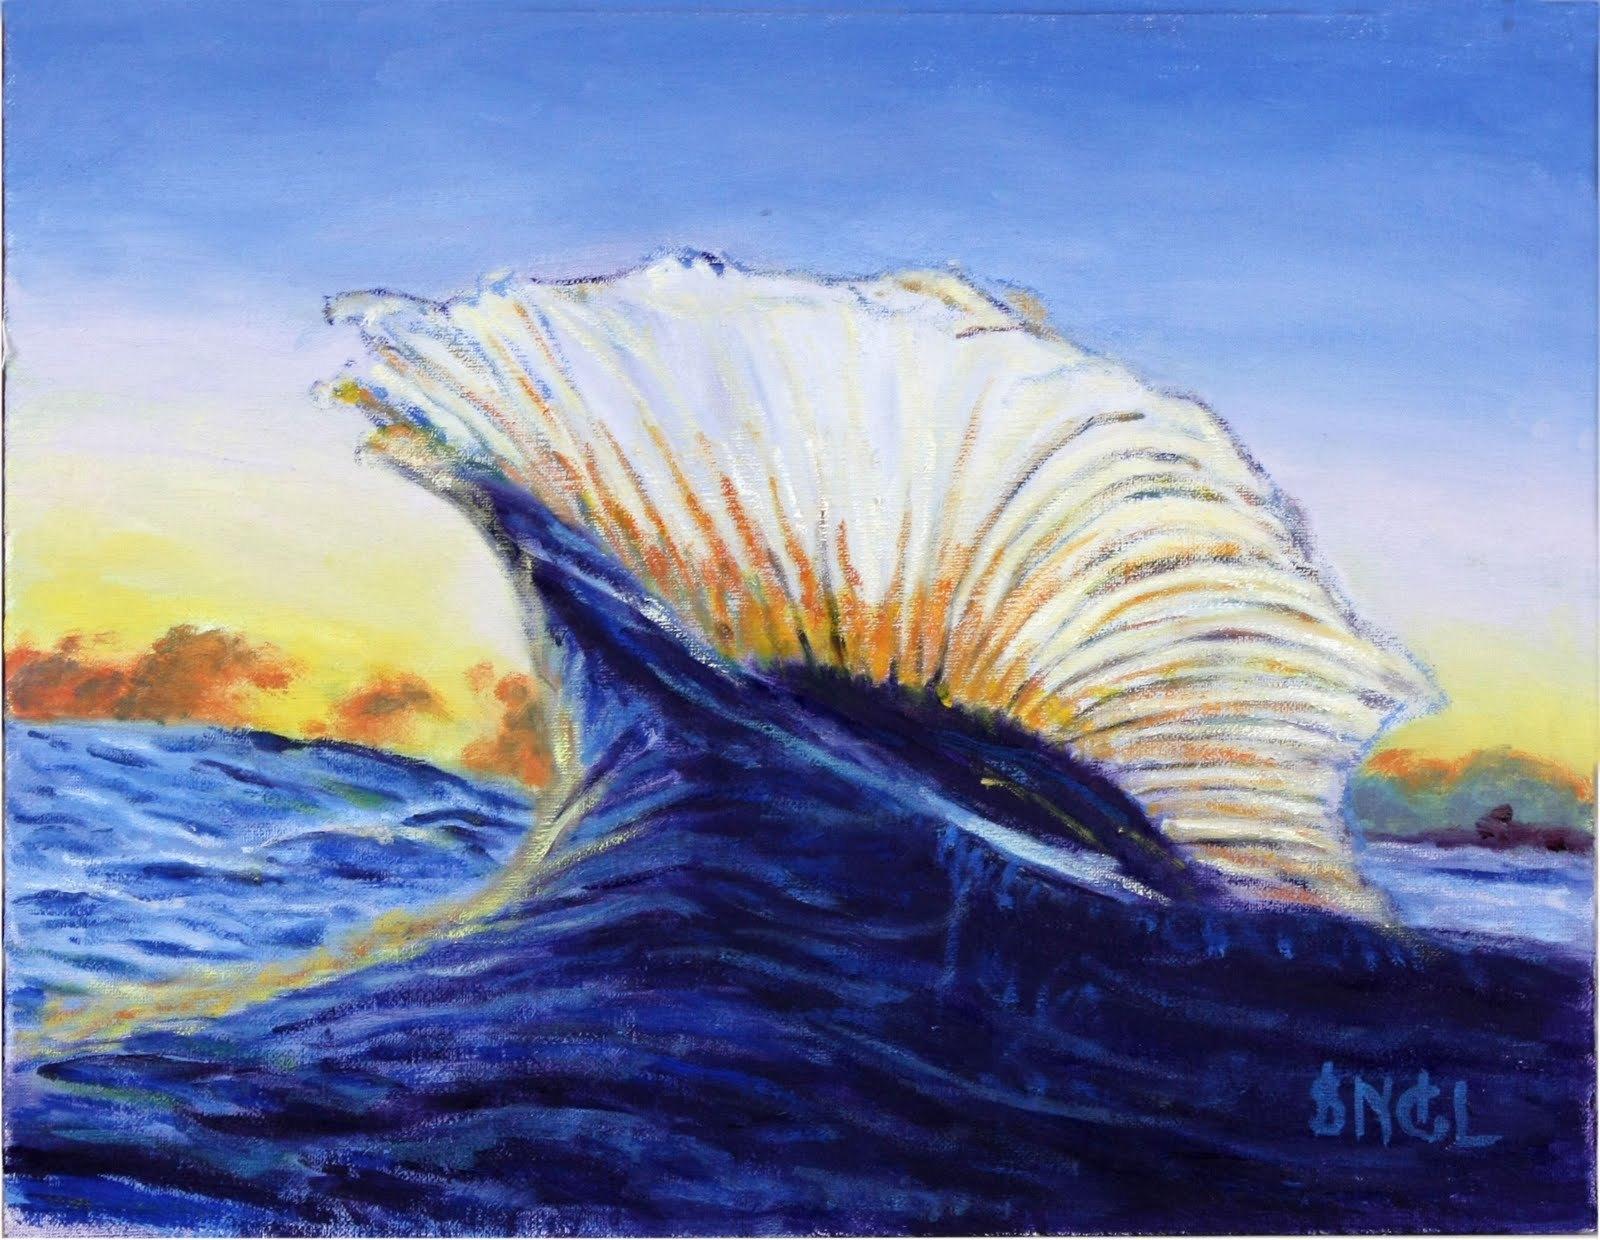 Peinture abstraite de paysage marin de couteau peinture abstraite de paysage - Peinture huile abstraite ...